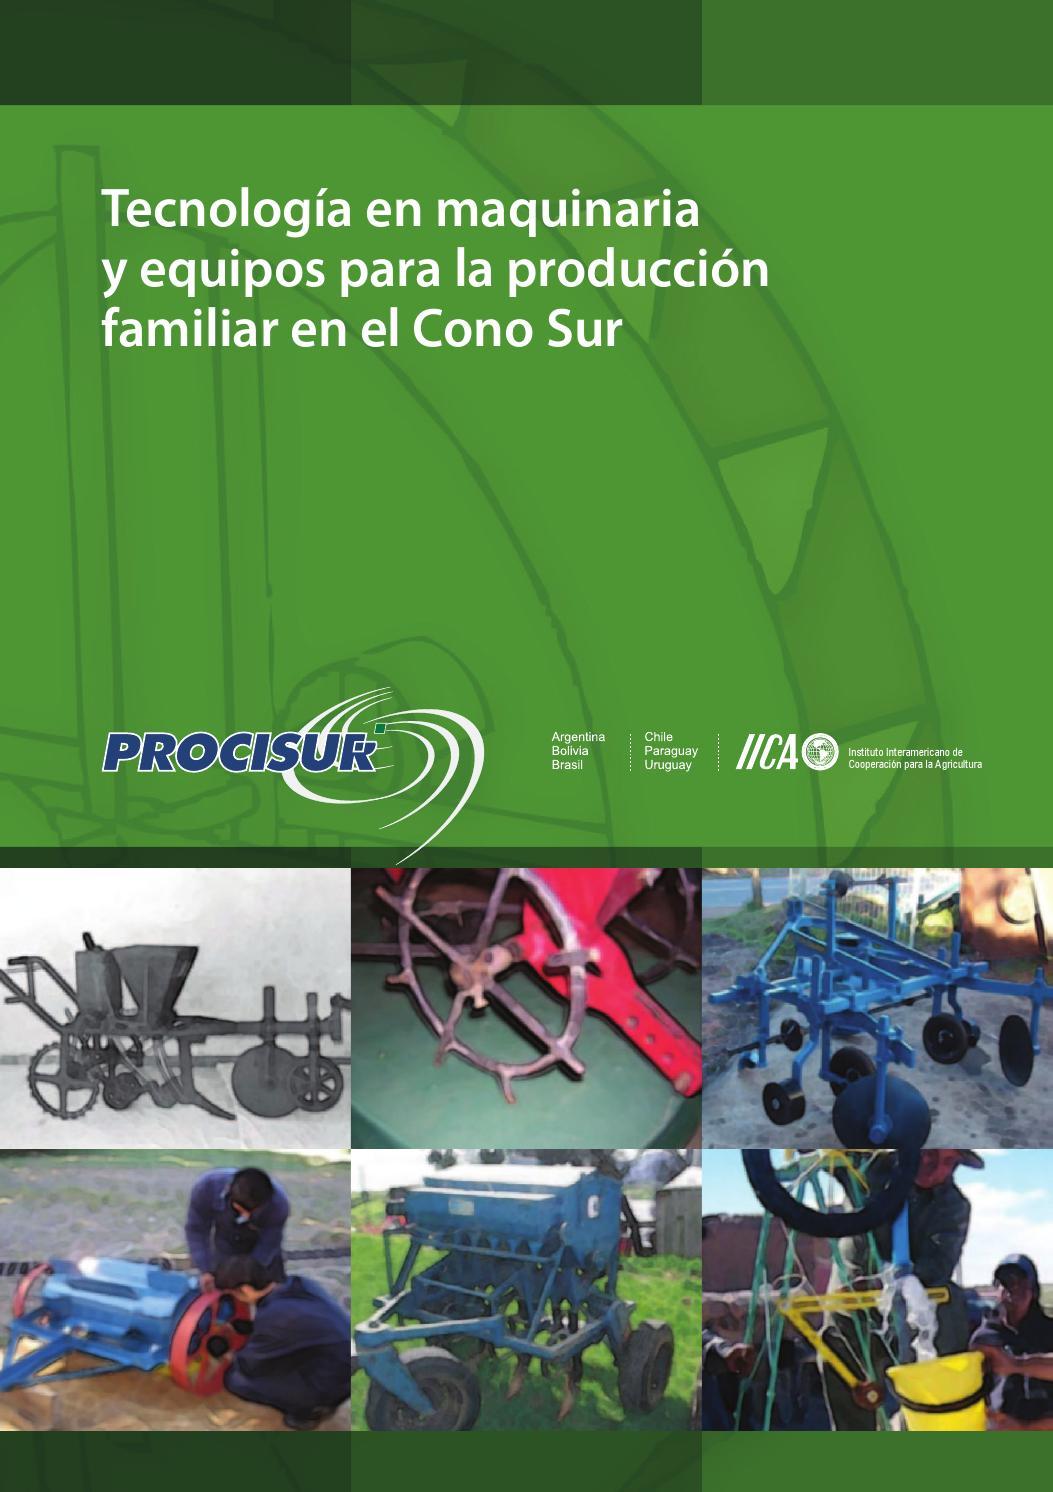 Tecnolog a en maquinaria y equipos para la producci n for Maquinaria y utensilios para la produccion culinaria